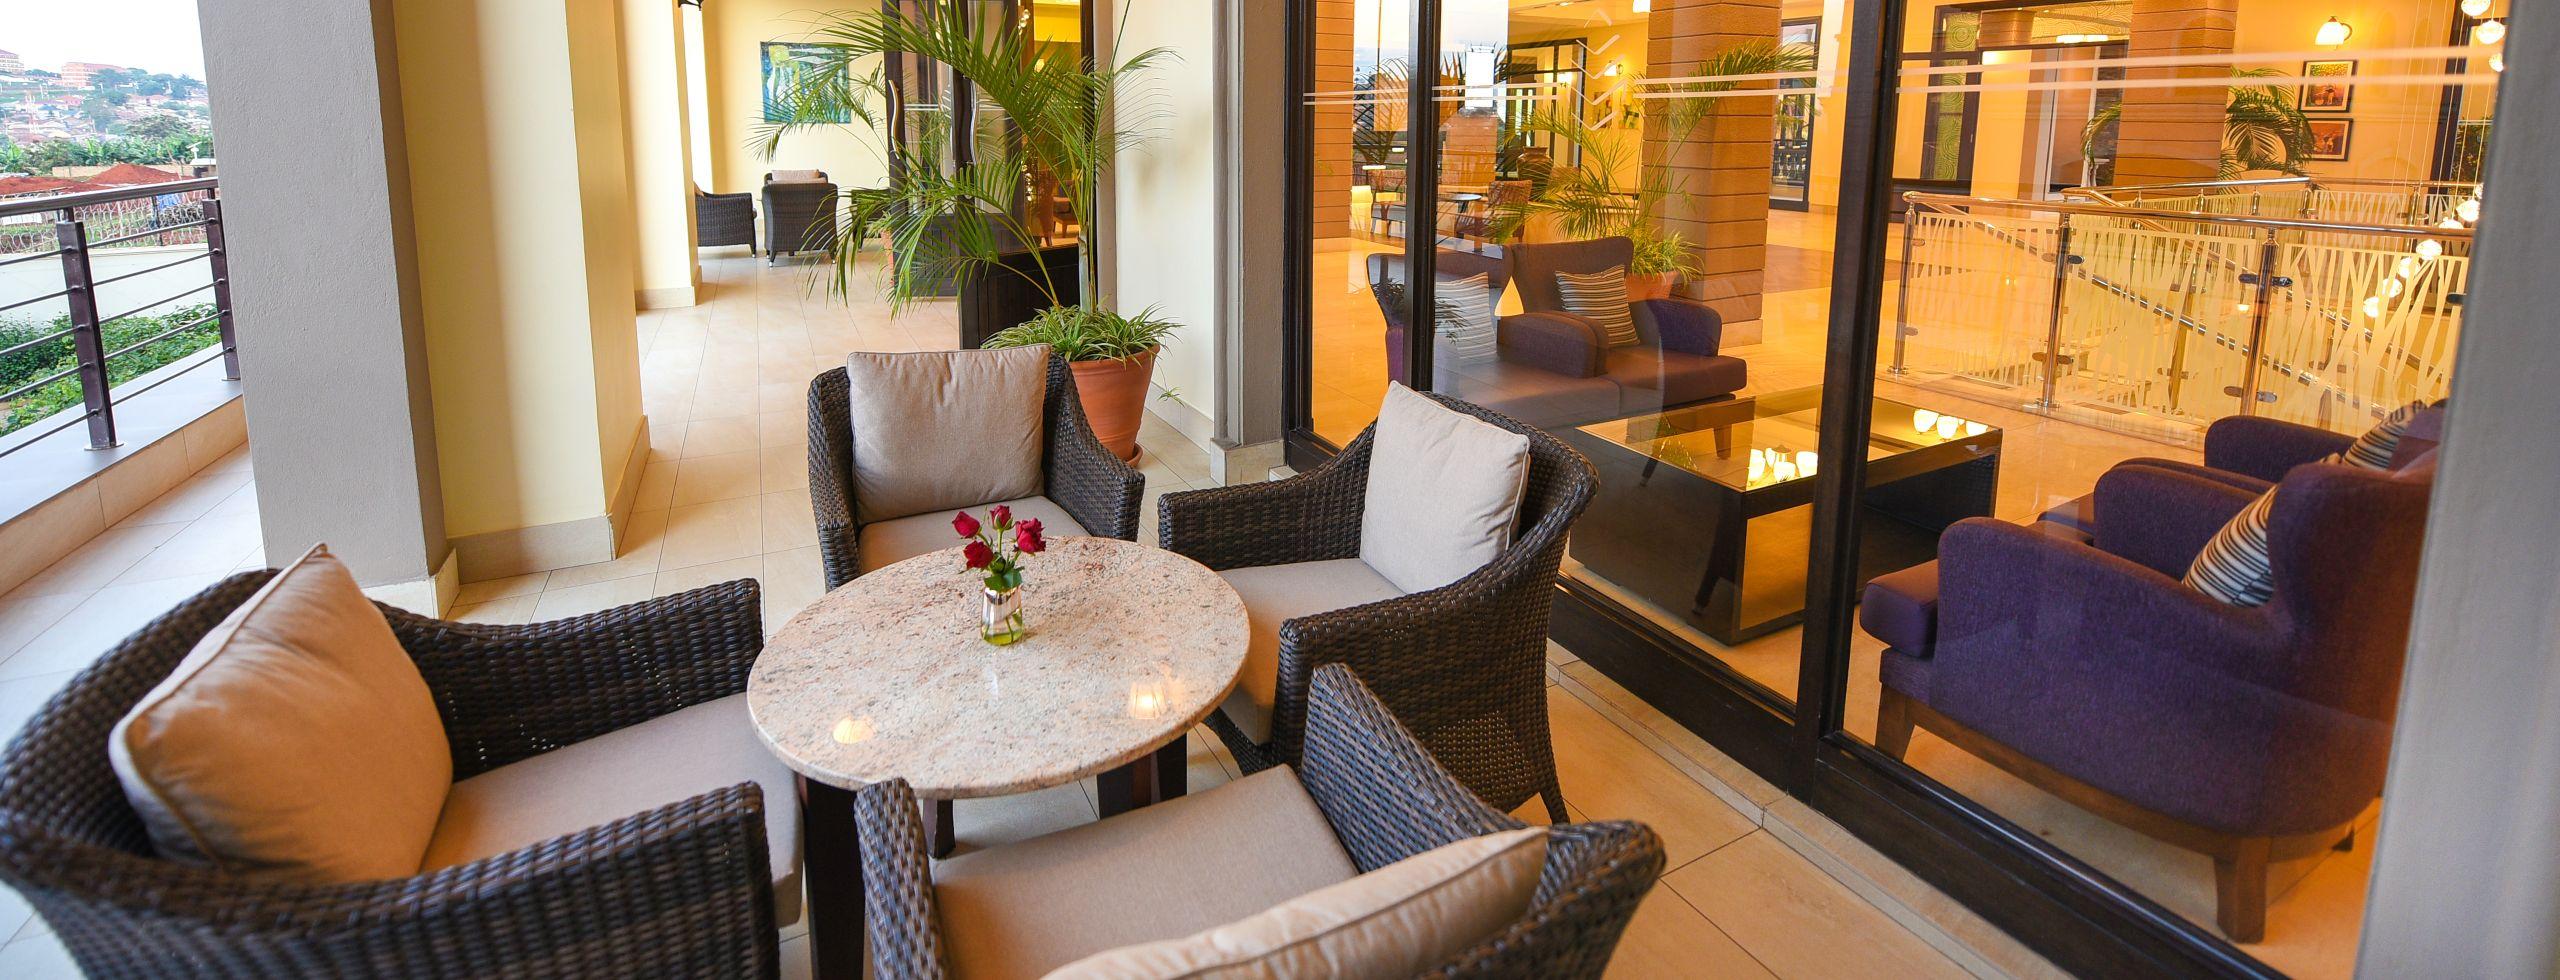 Homepage: Outside terrace